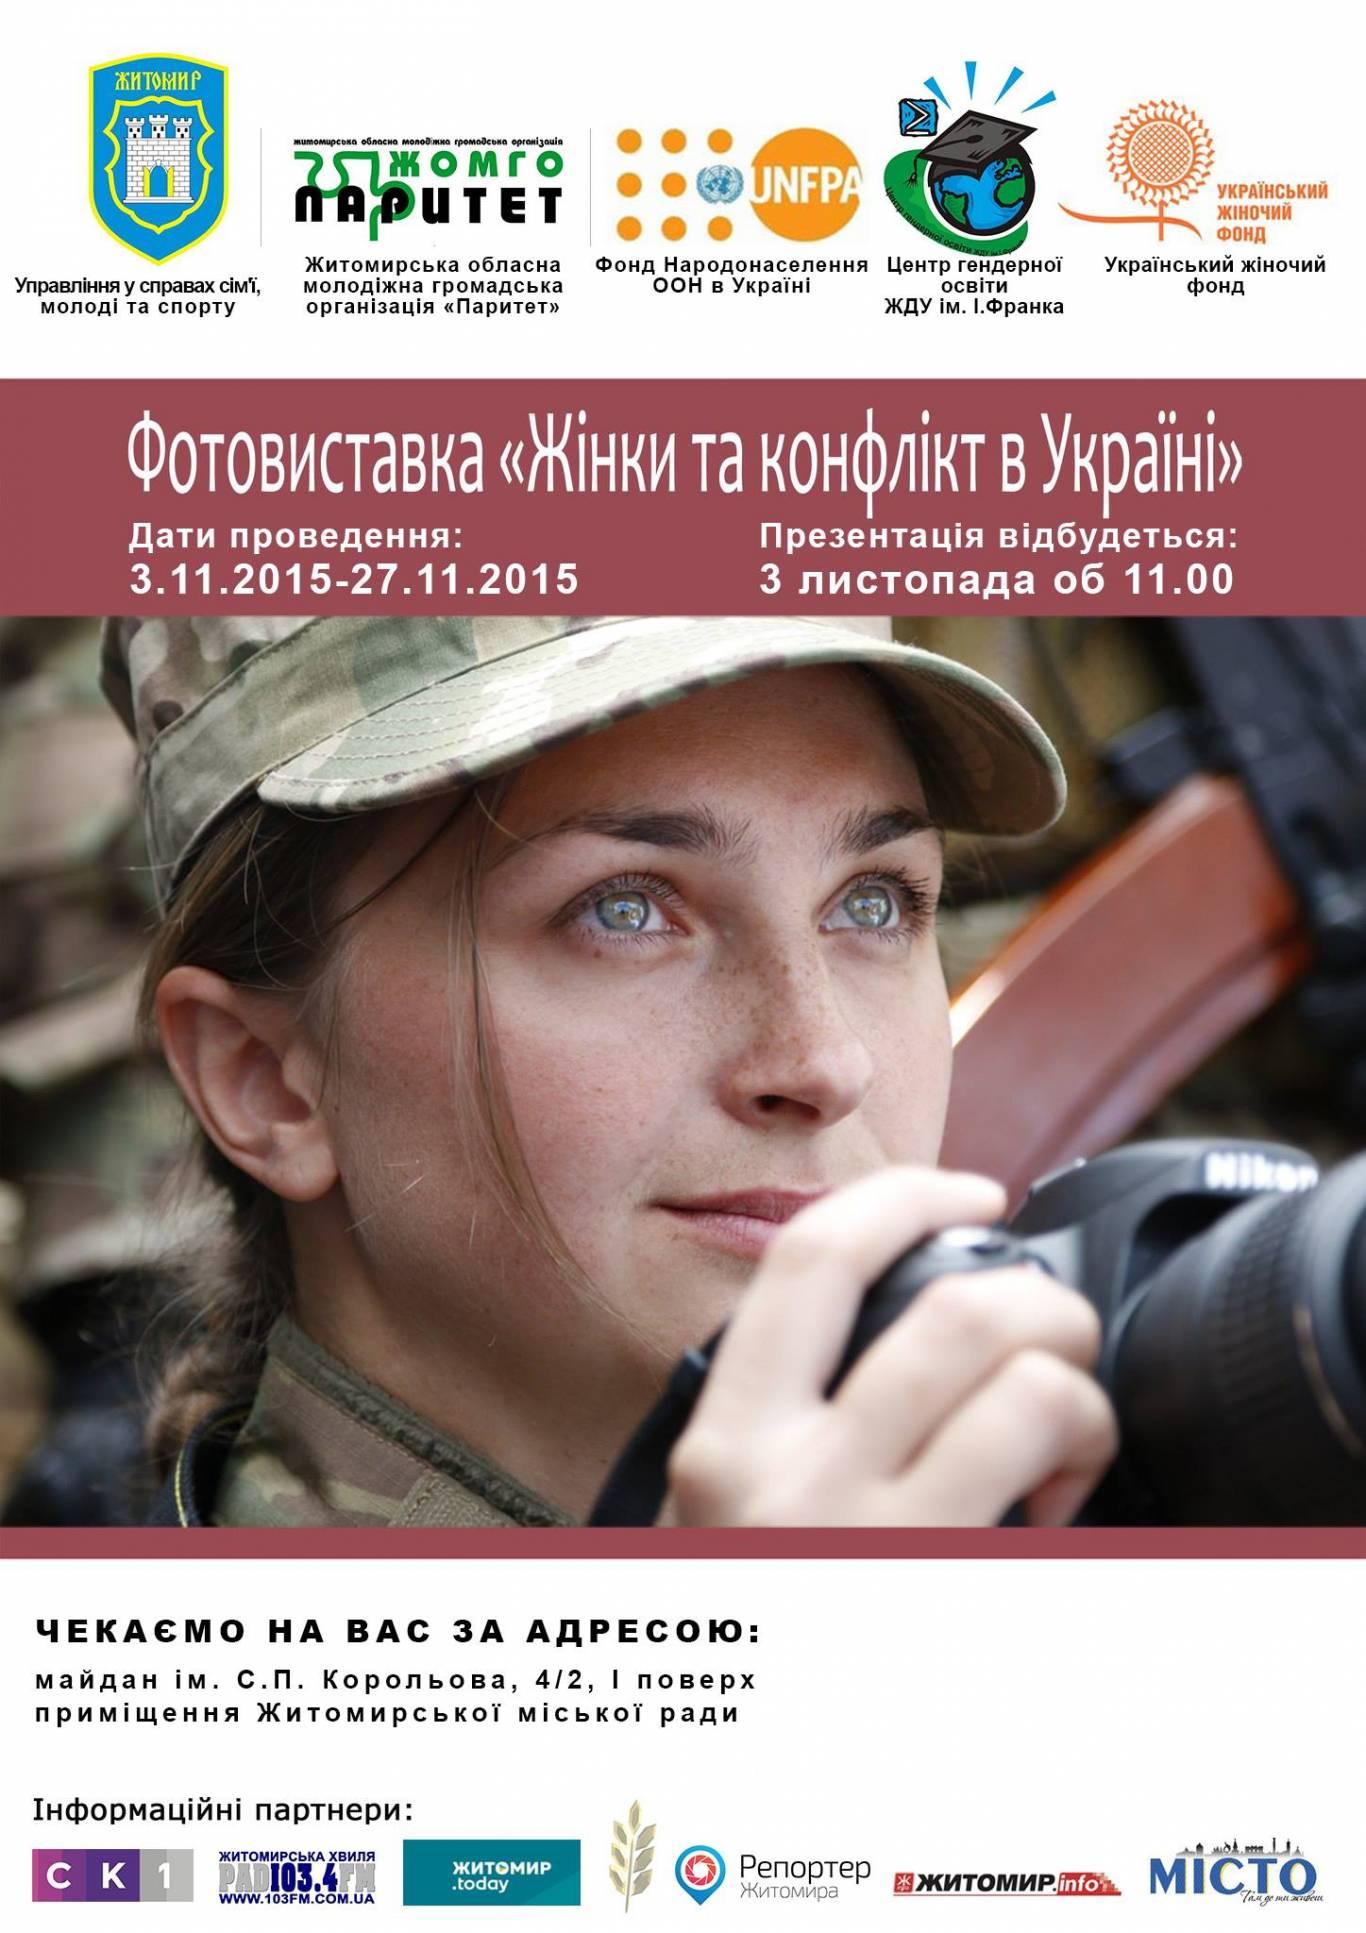 """Фотовиставка """"Жінки і конфлікт в Україні"""""""